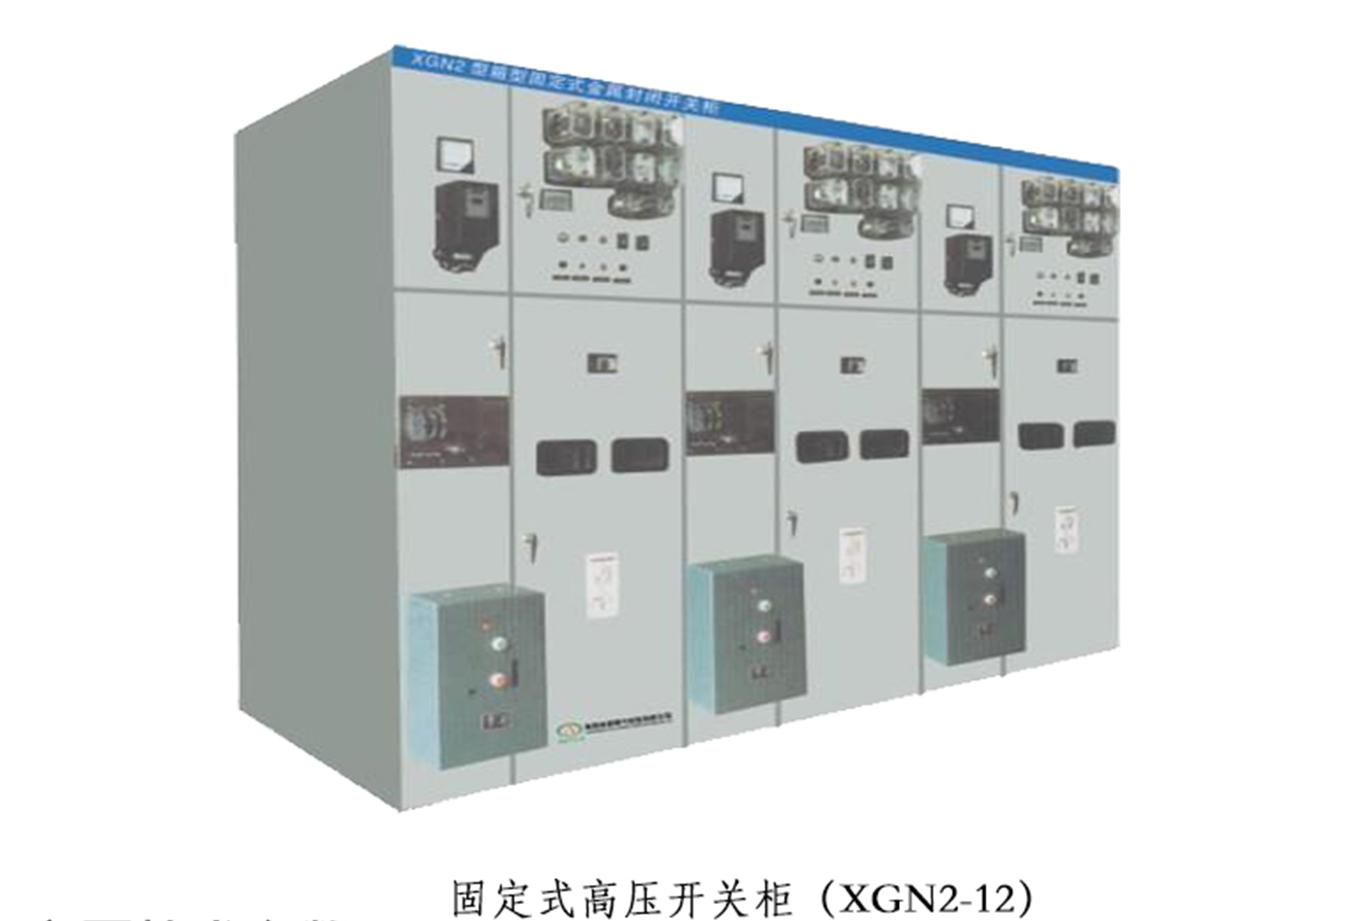 XGN2-12